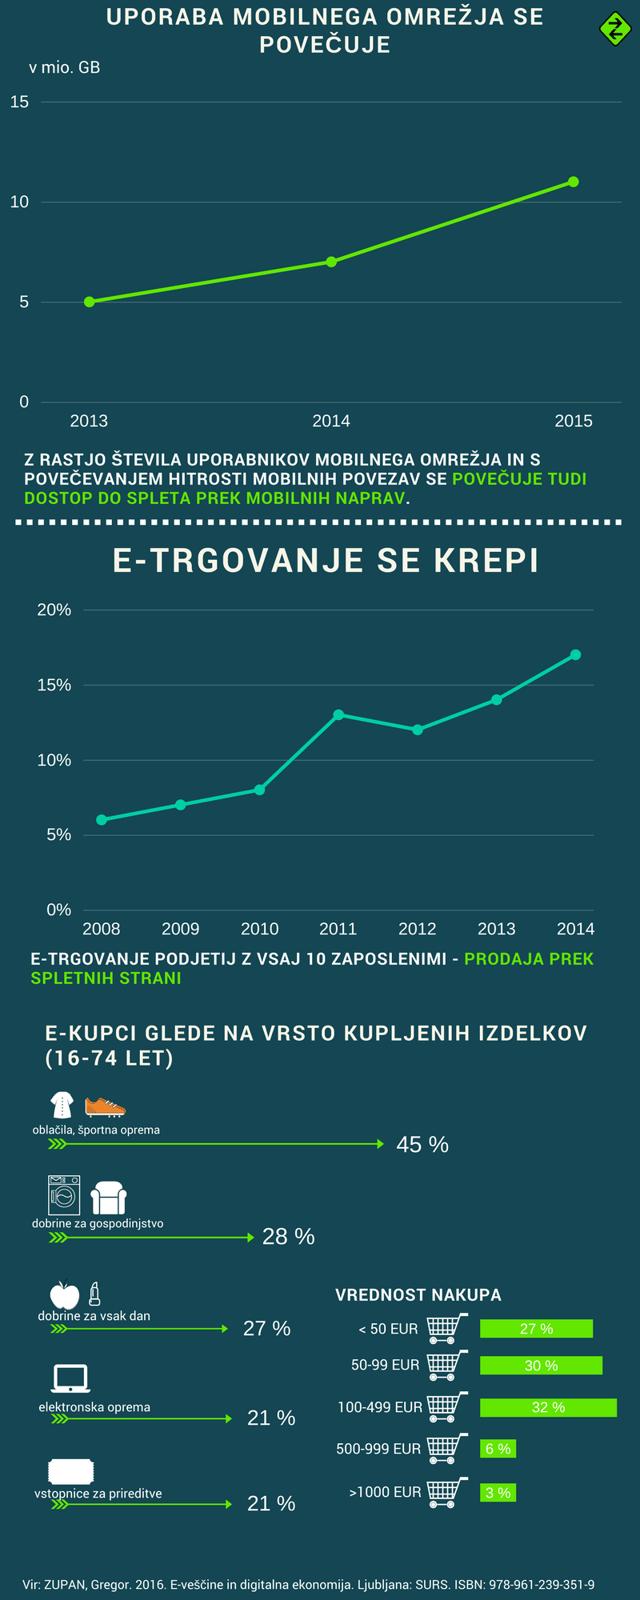 BLOG-8 dejstev o digitalnih veščinah in ekonomiji v Sloveniji - INFOGRAFIKA 2.png